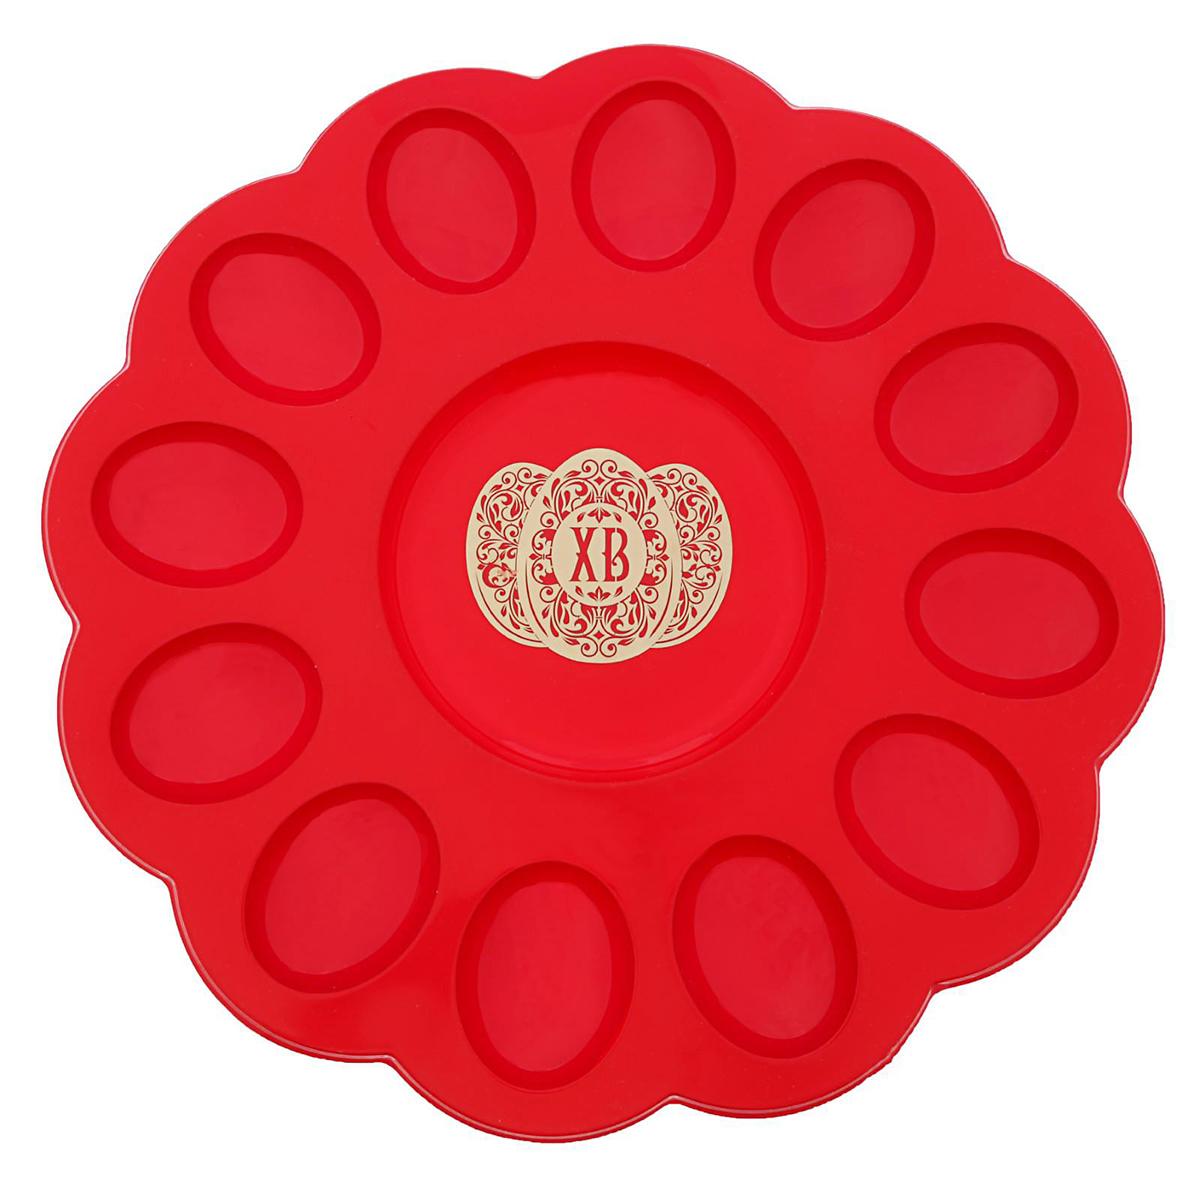 """Подставка для яйца """"ХВ. Яйца"""", цвет: красный, на 12 яиц и кулич, 30 х 30 см. 1653909"""